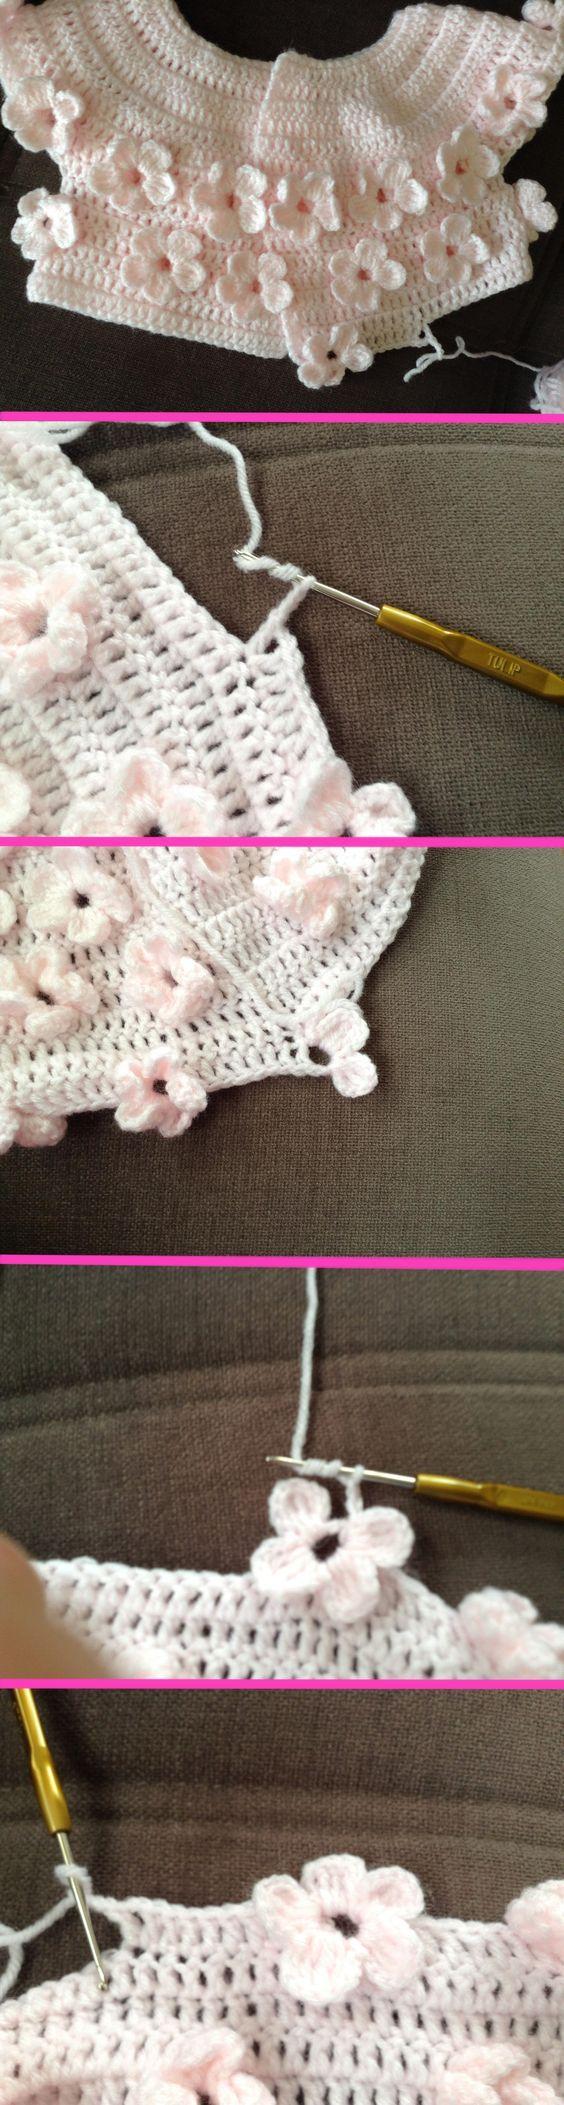 124 besten baby crochet Bilder auf Pinterest | Häkelmaschen ...